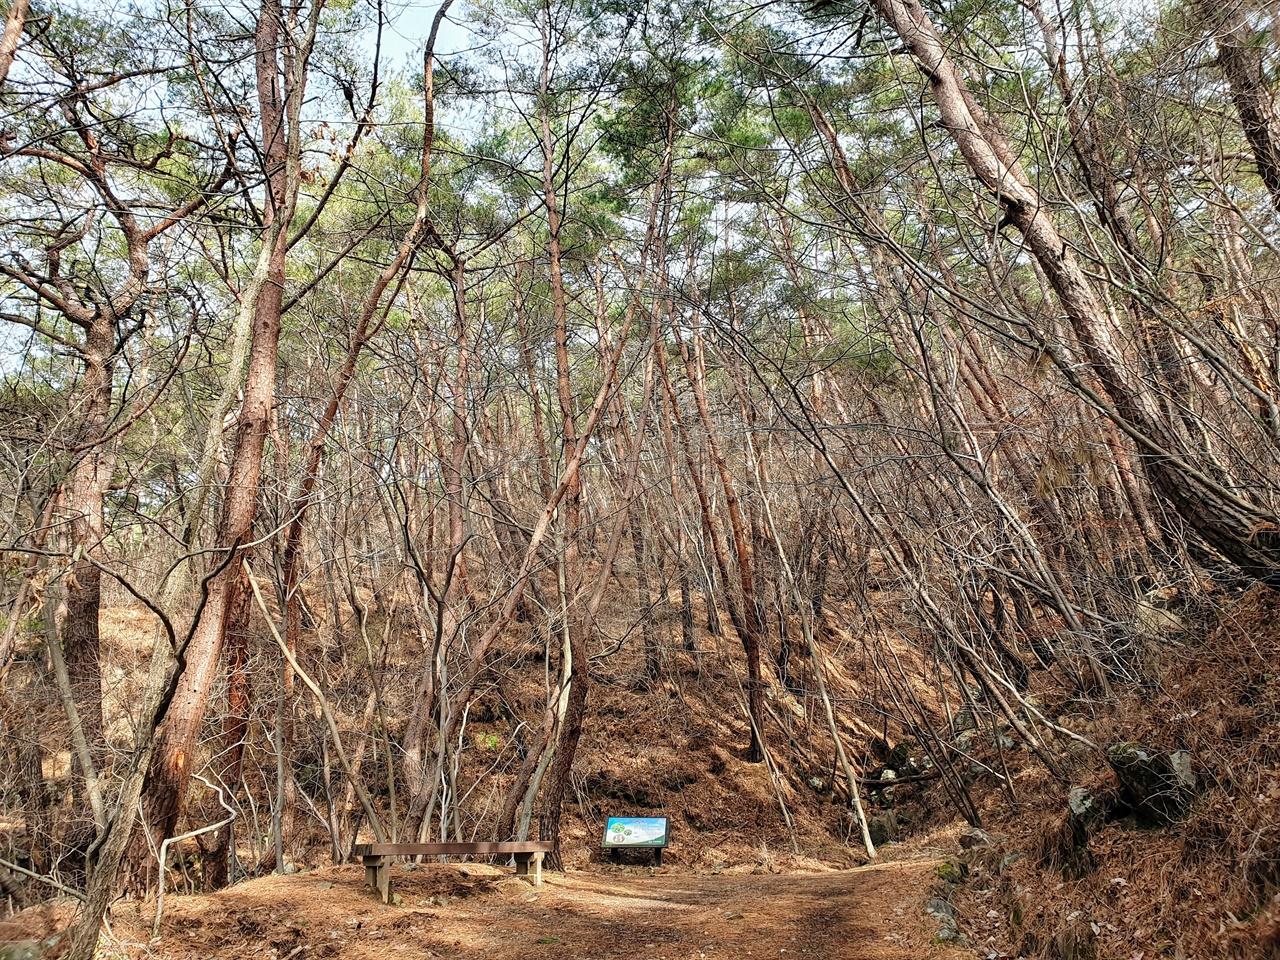 구례 천은사 소나무 숲길